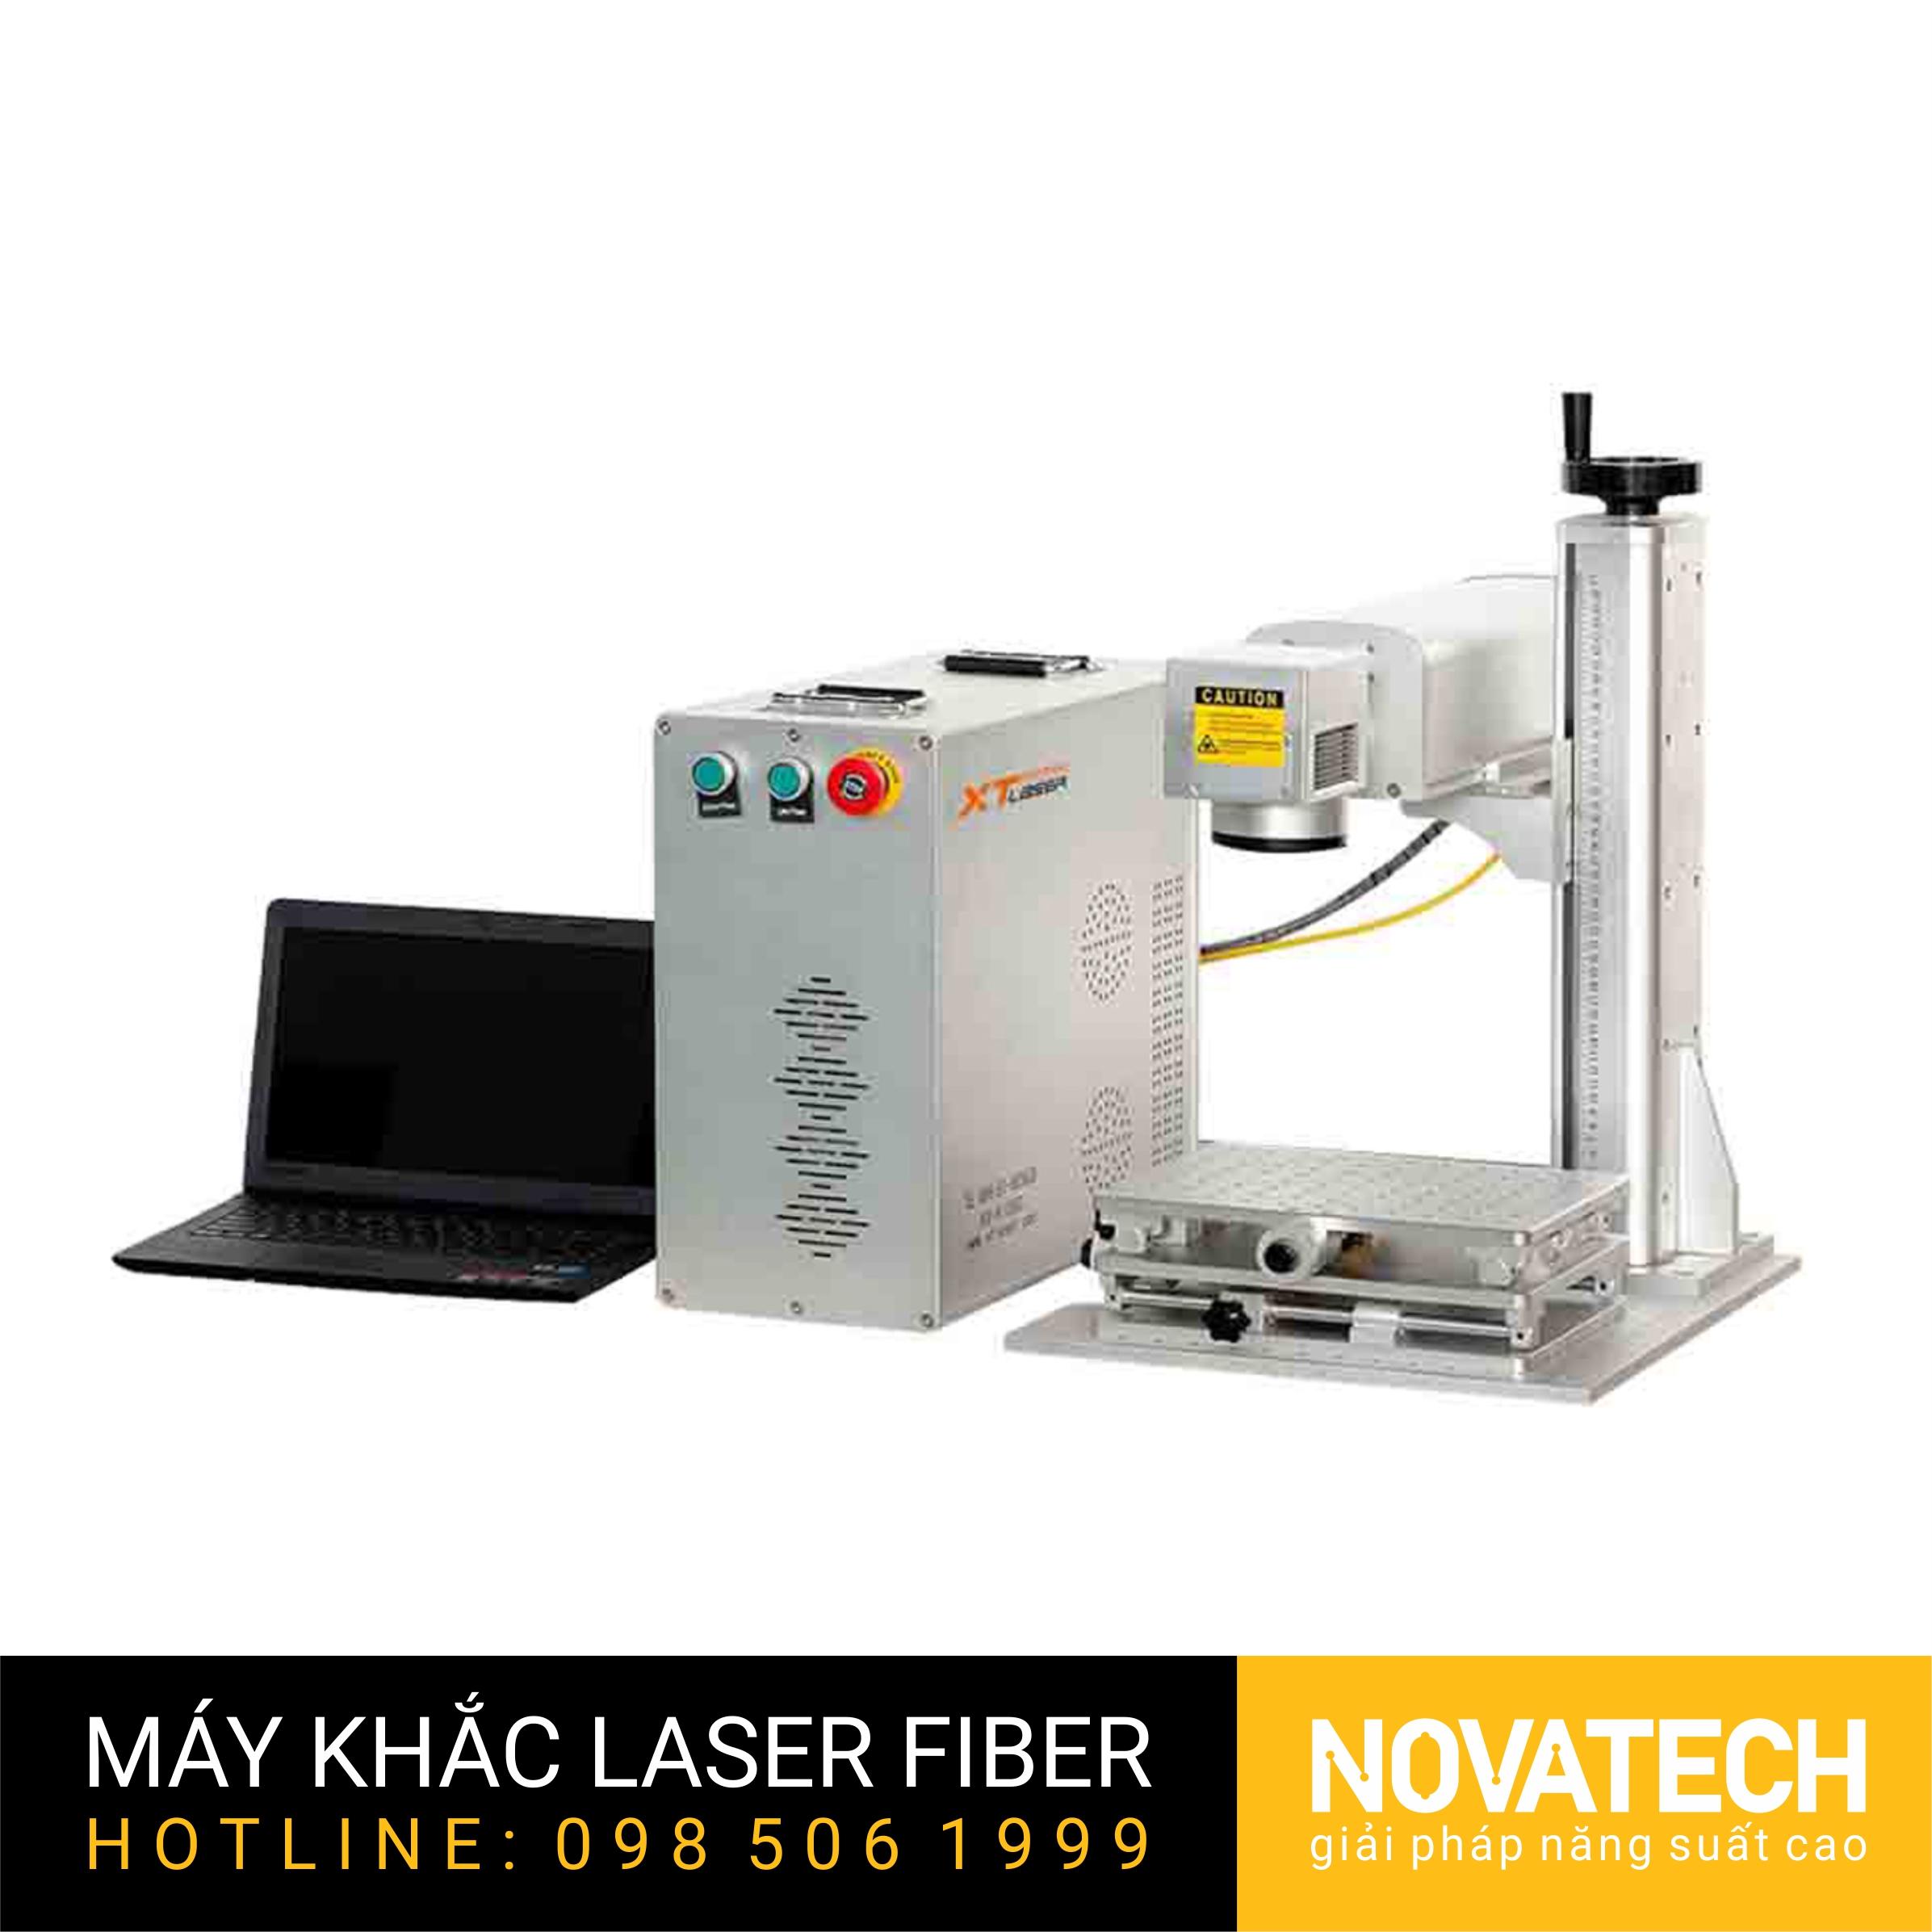 Máy khắc laser fiber XT-LASER kiểu mini